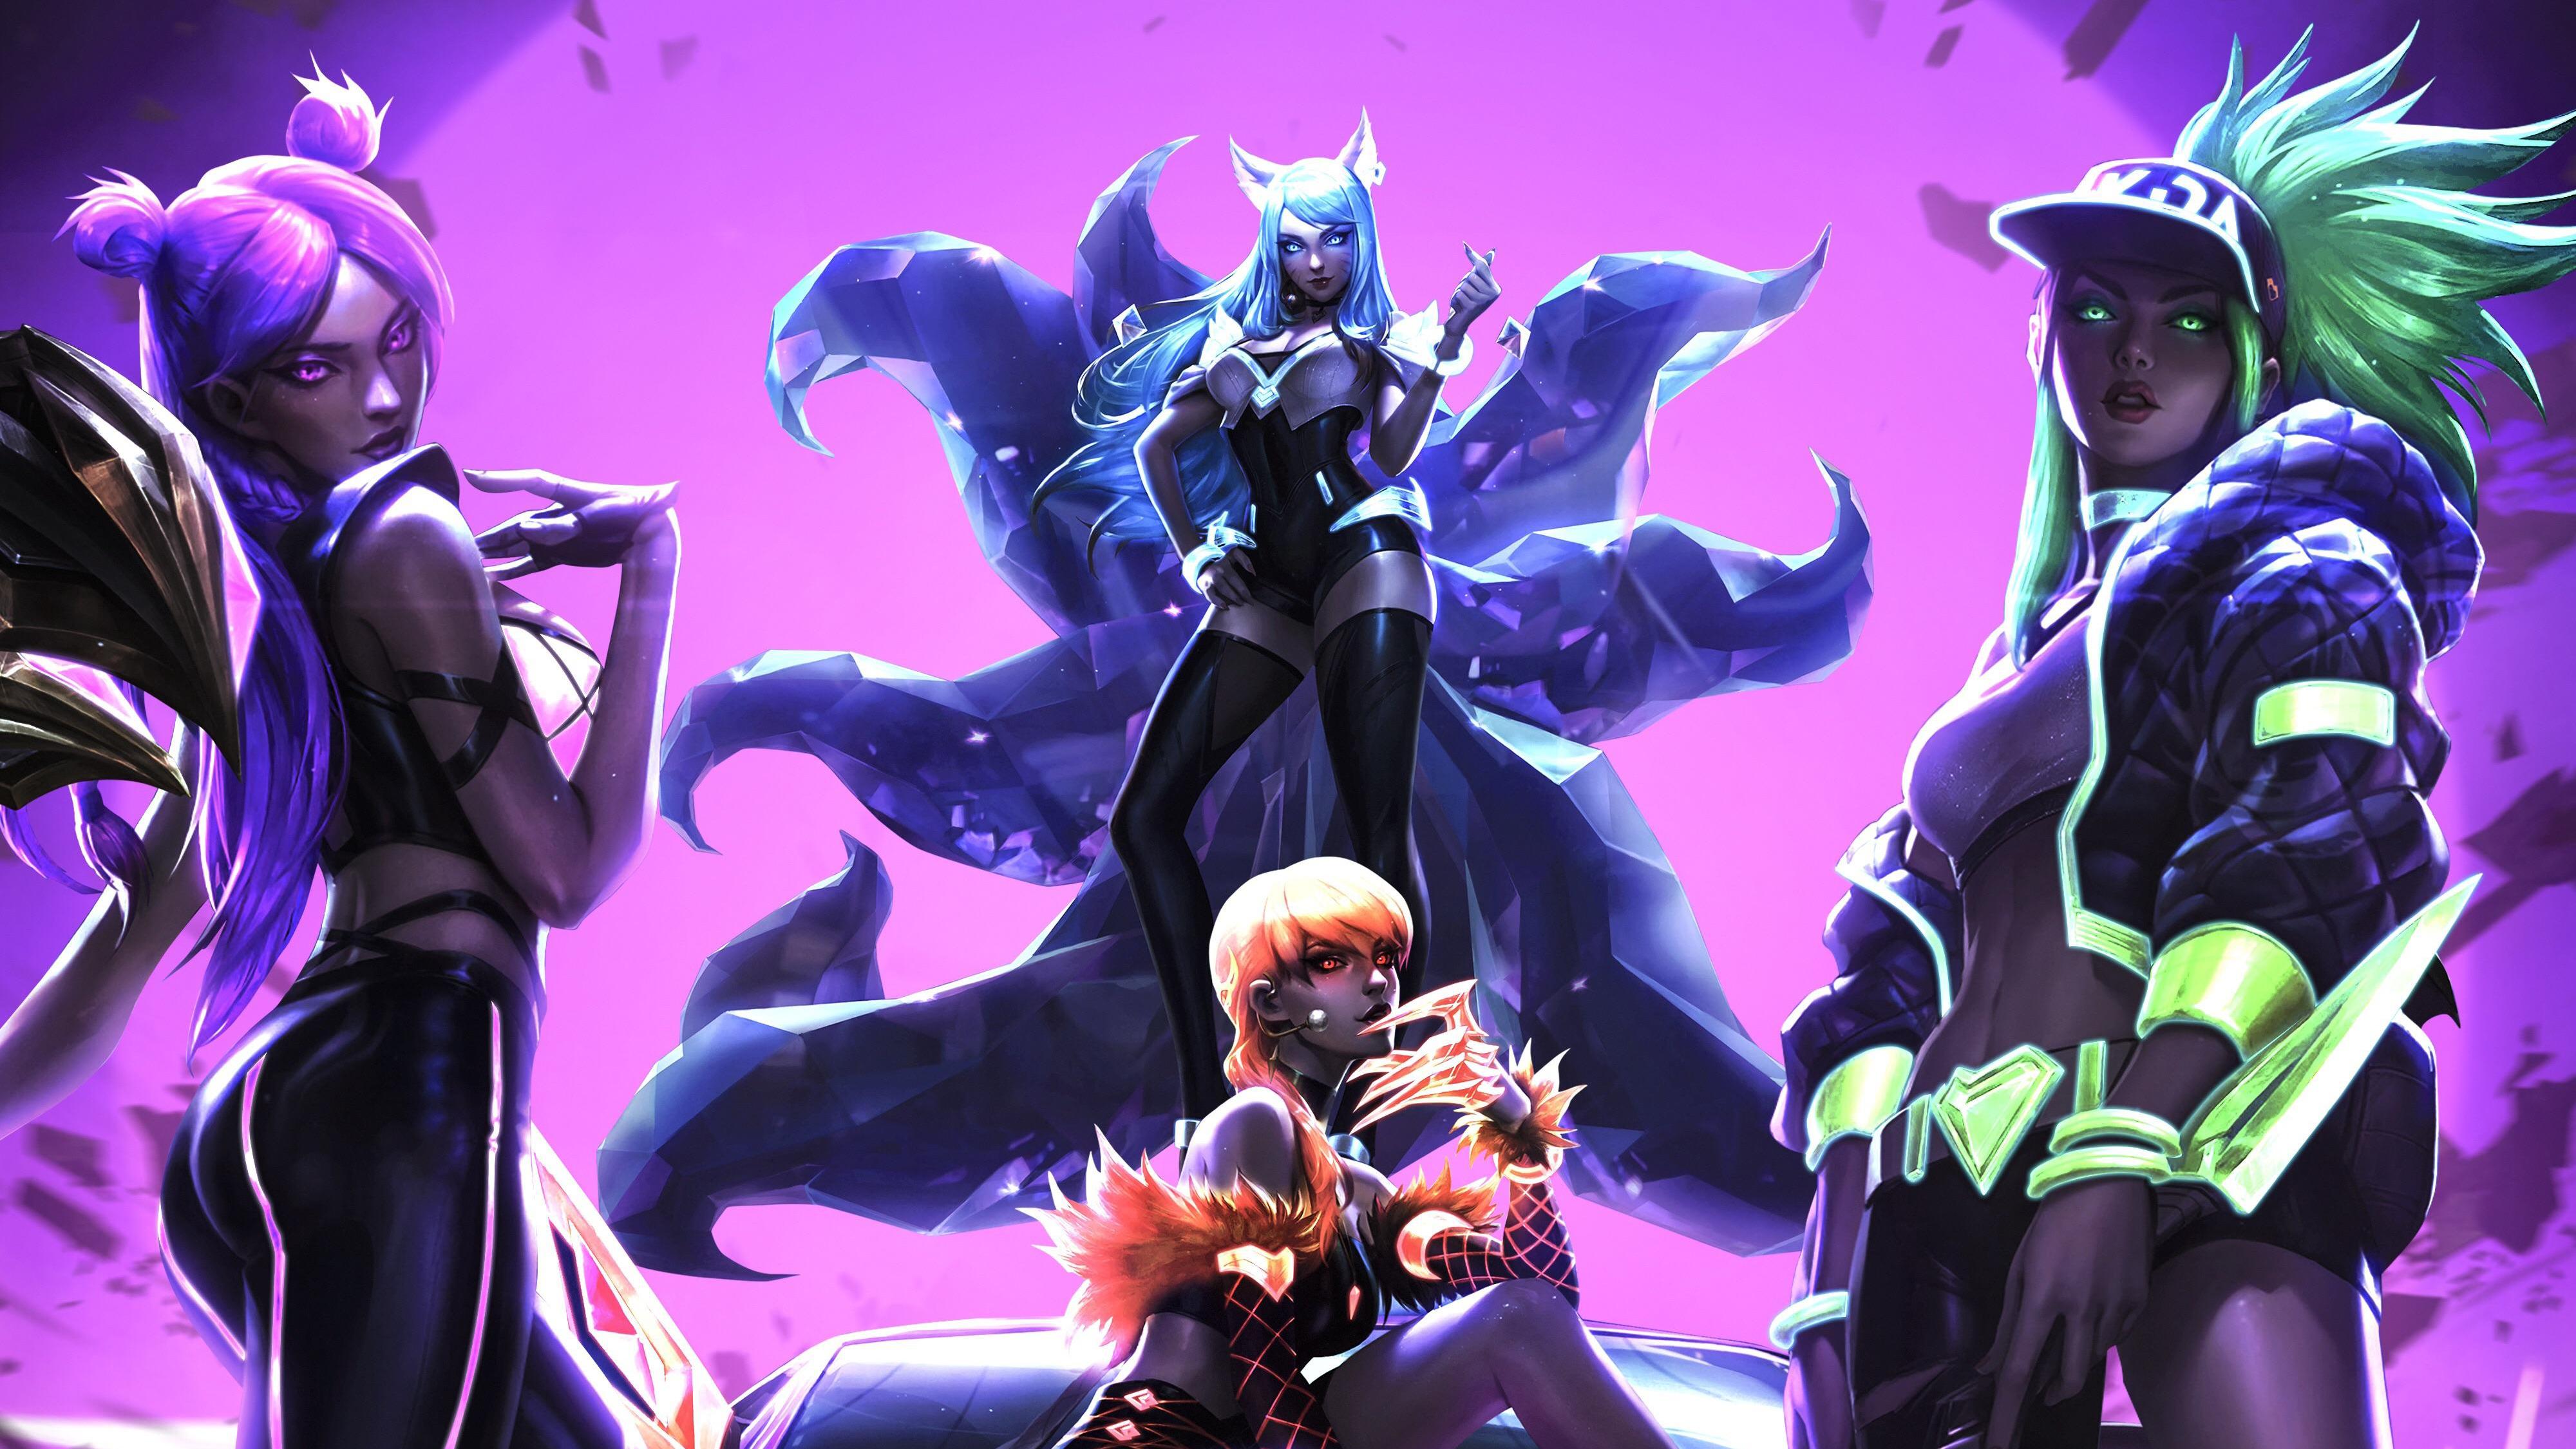 League Of Legends Fan Art 4k Hd Games 4k Wallpapers Images